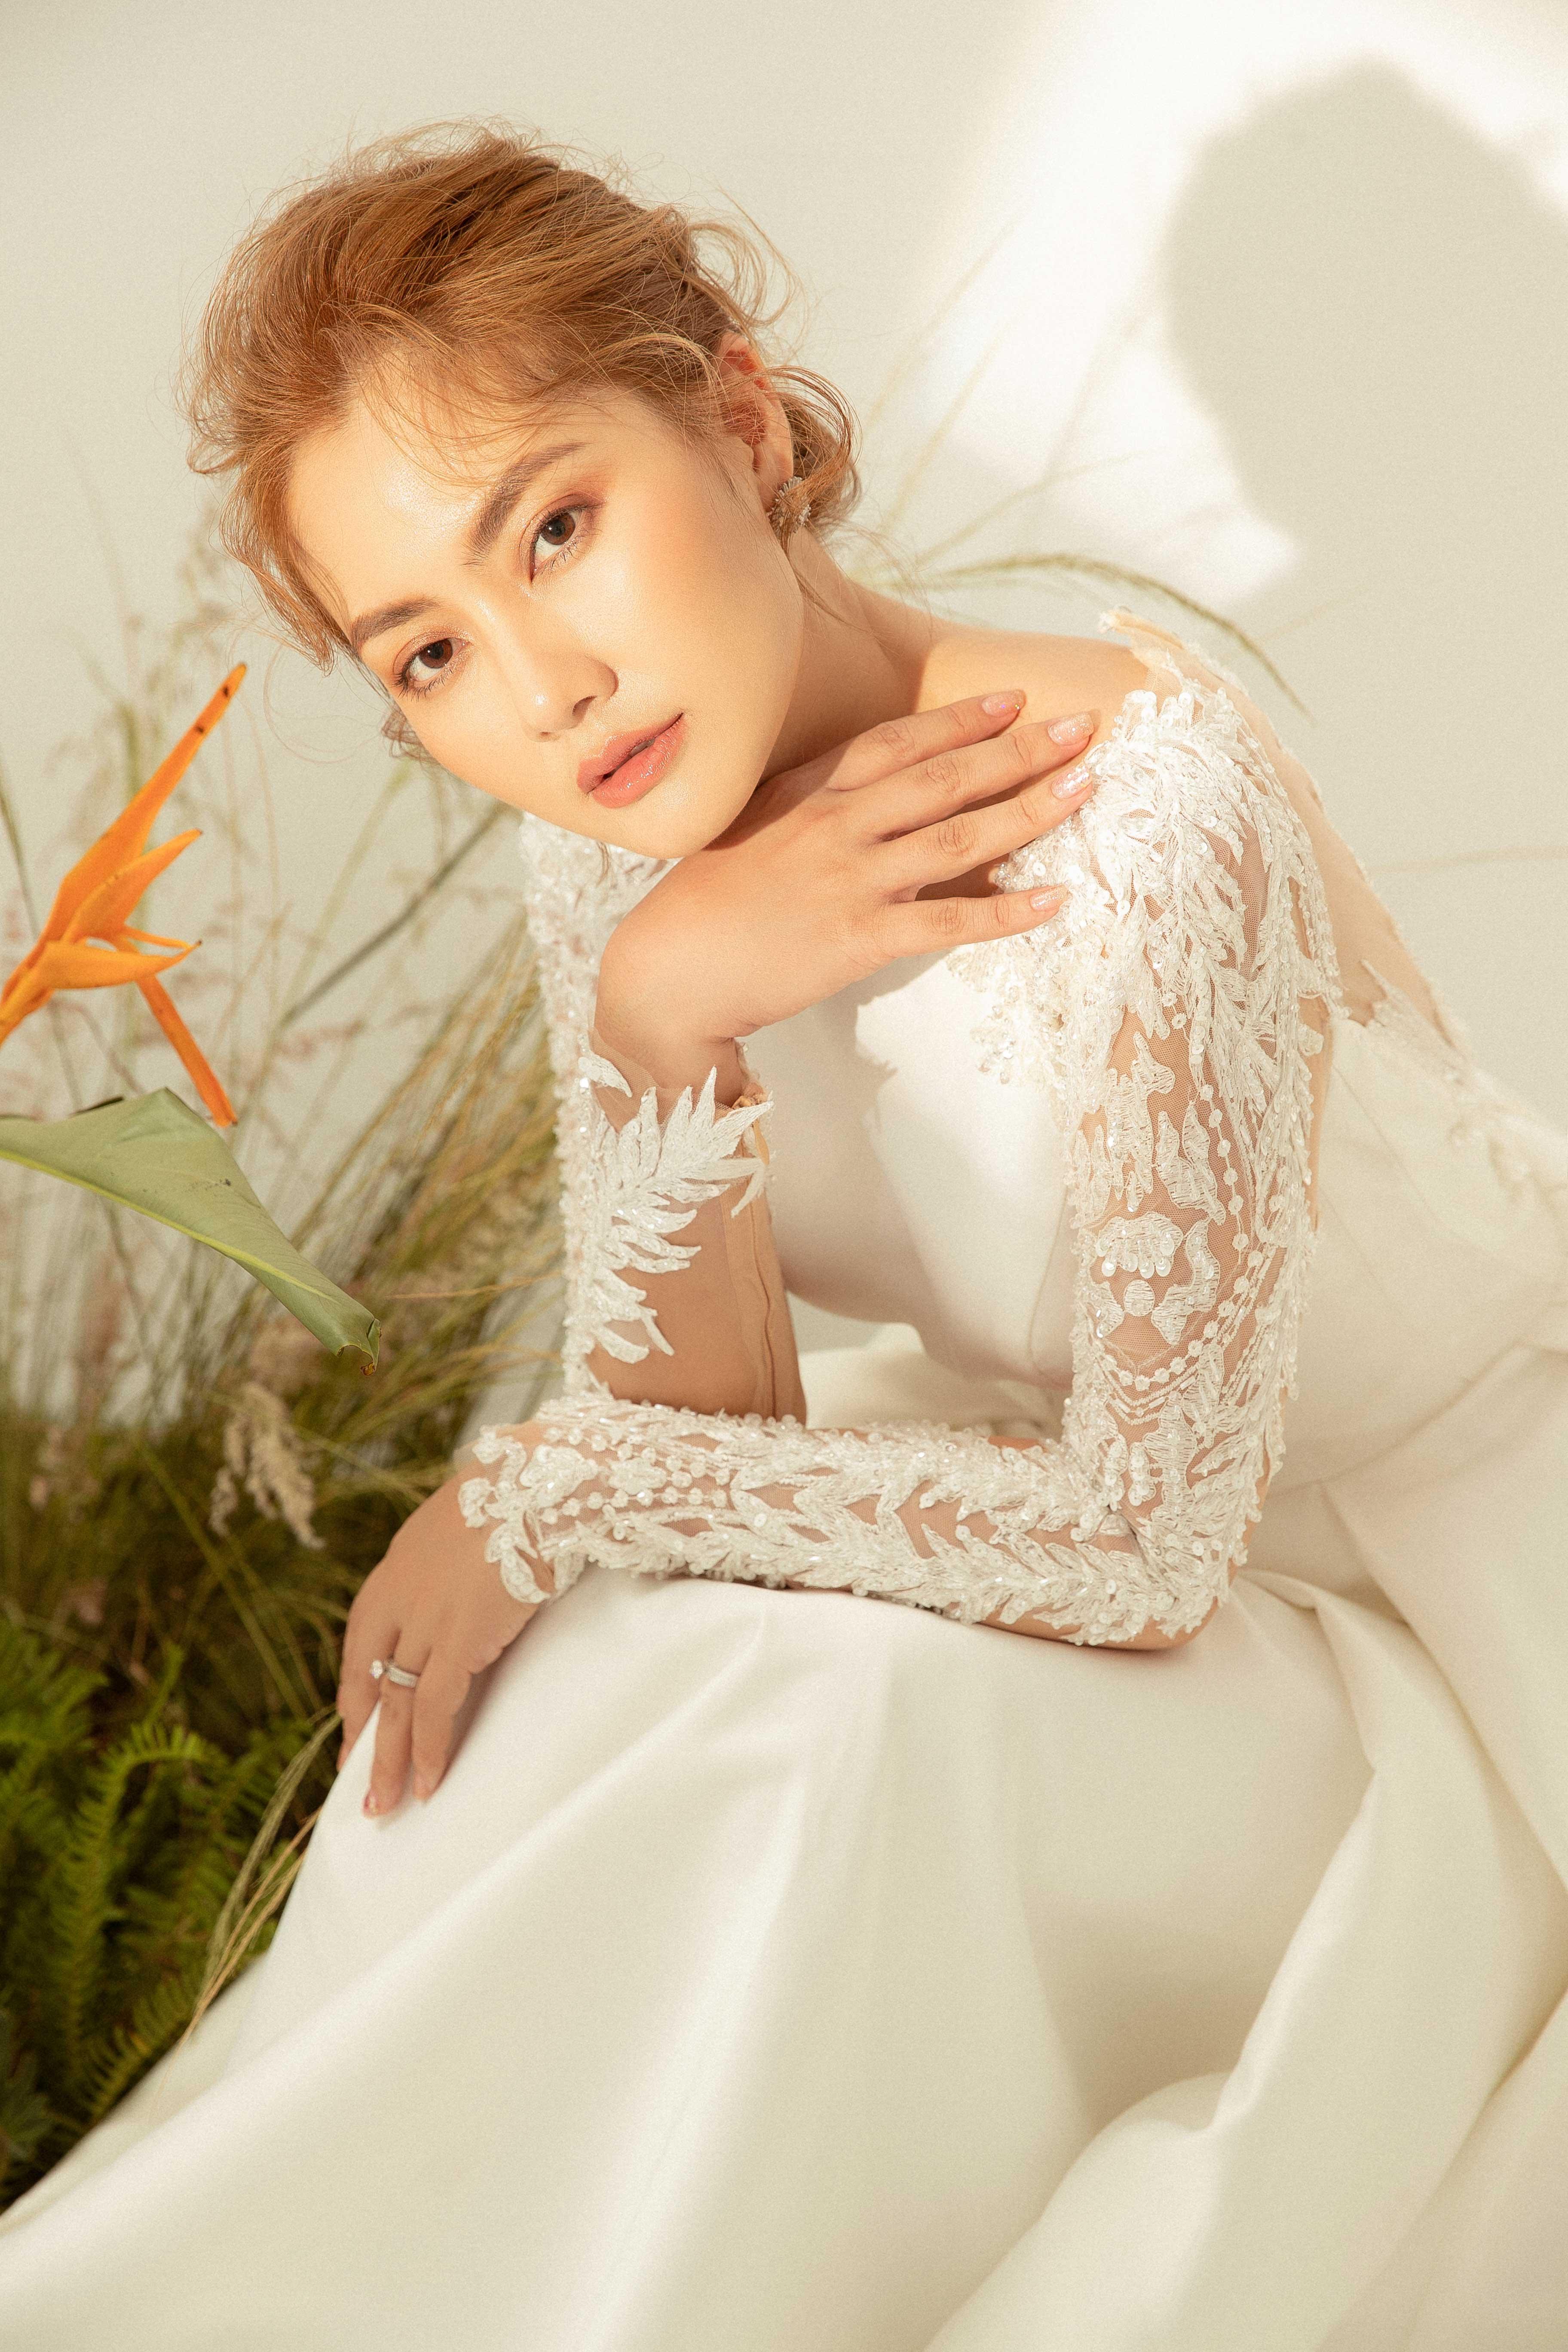 Váy cưới Elisa Bridal Couture tay dài kết cườm màu trắng